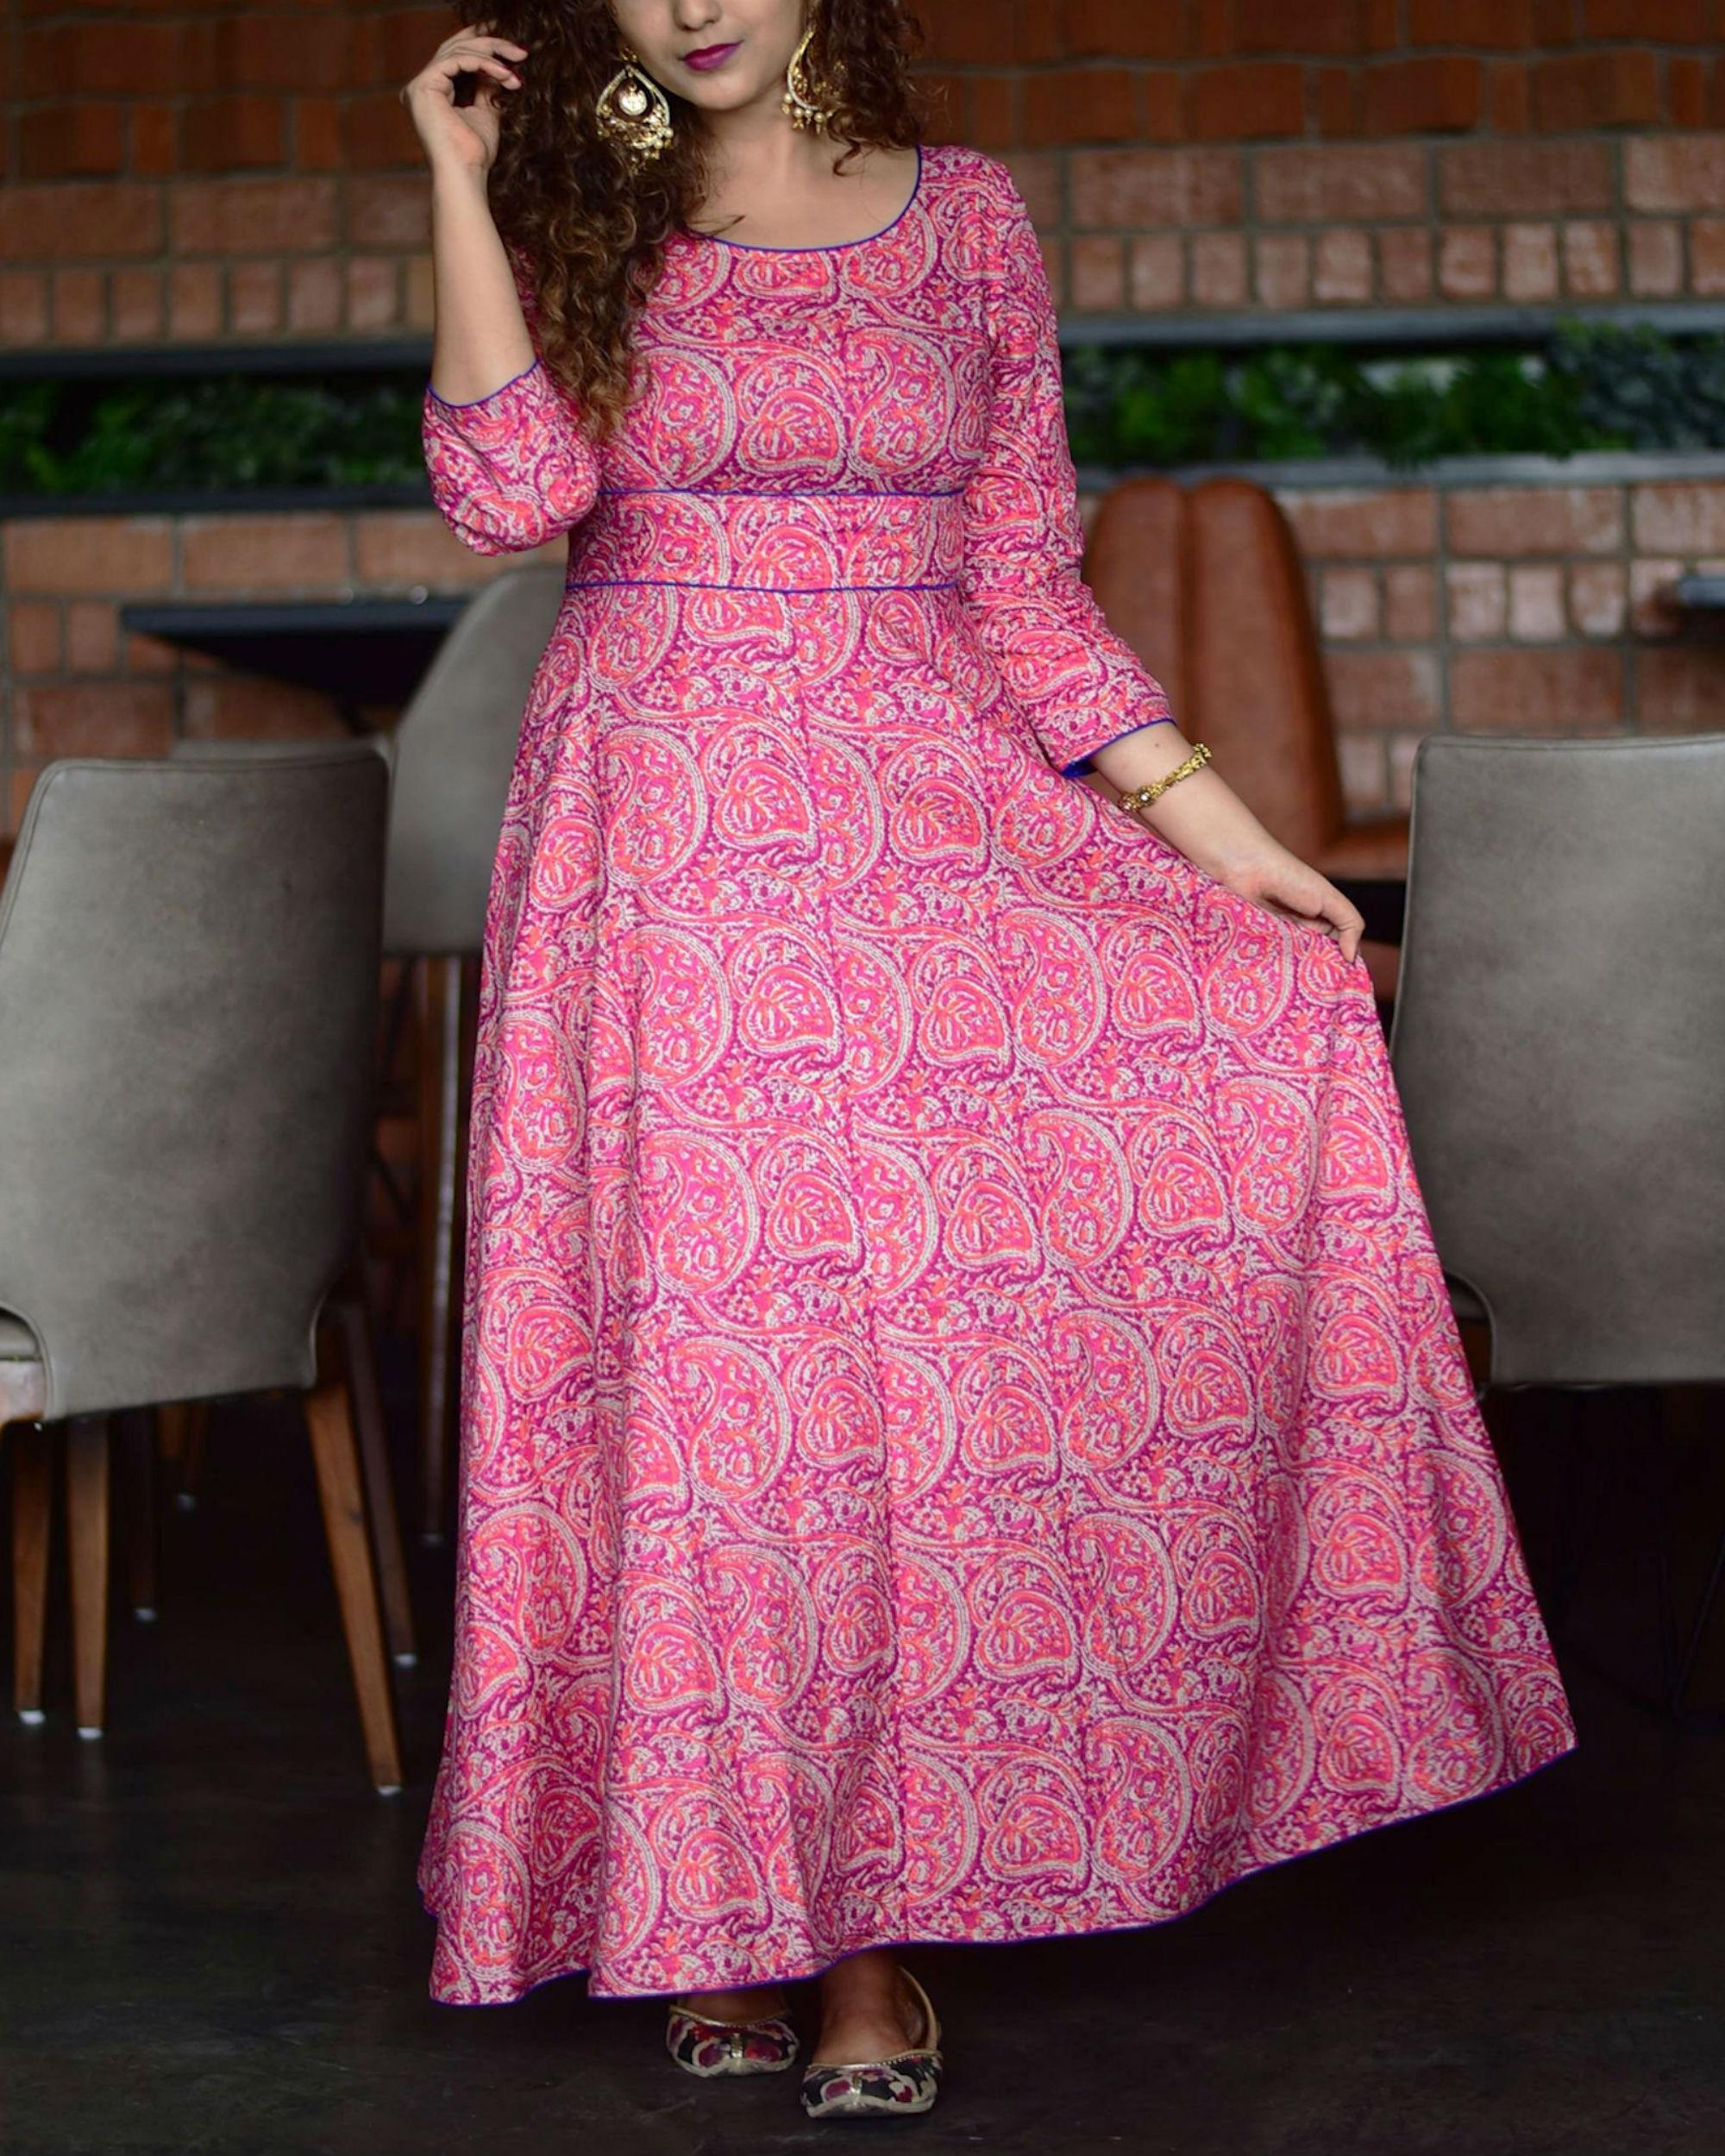 Pink paisley tunic